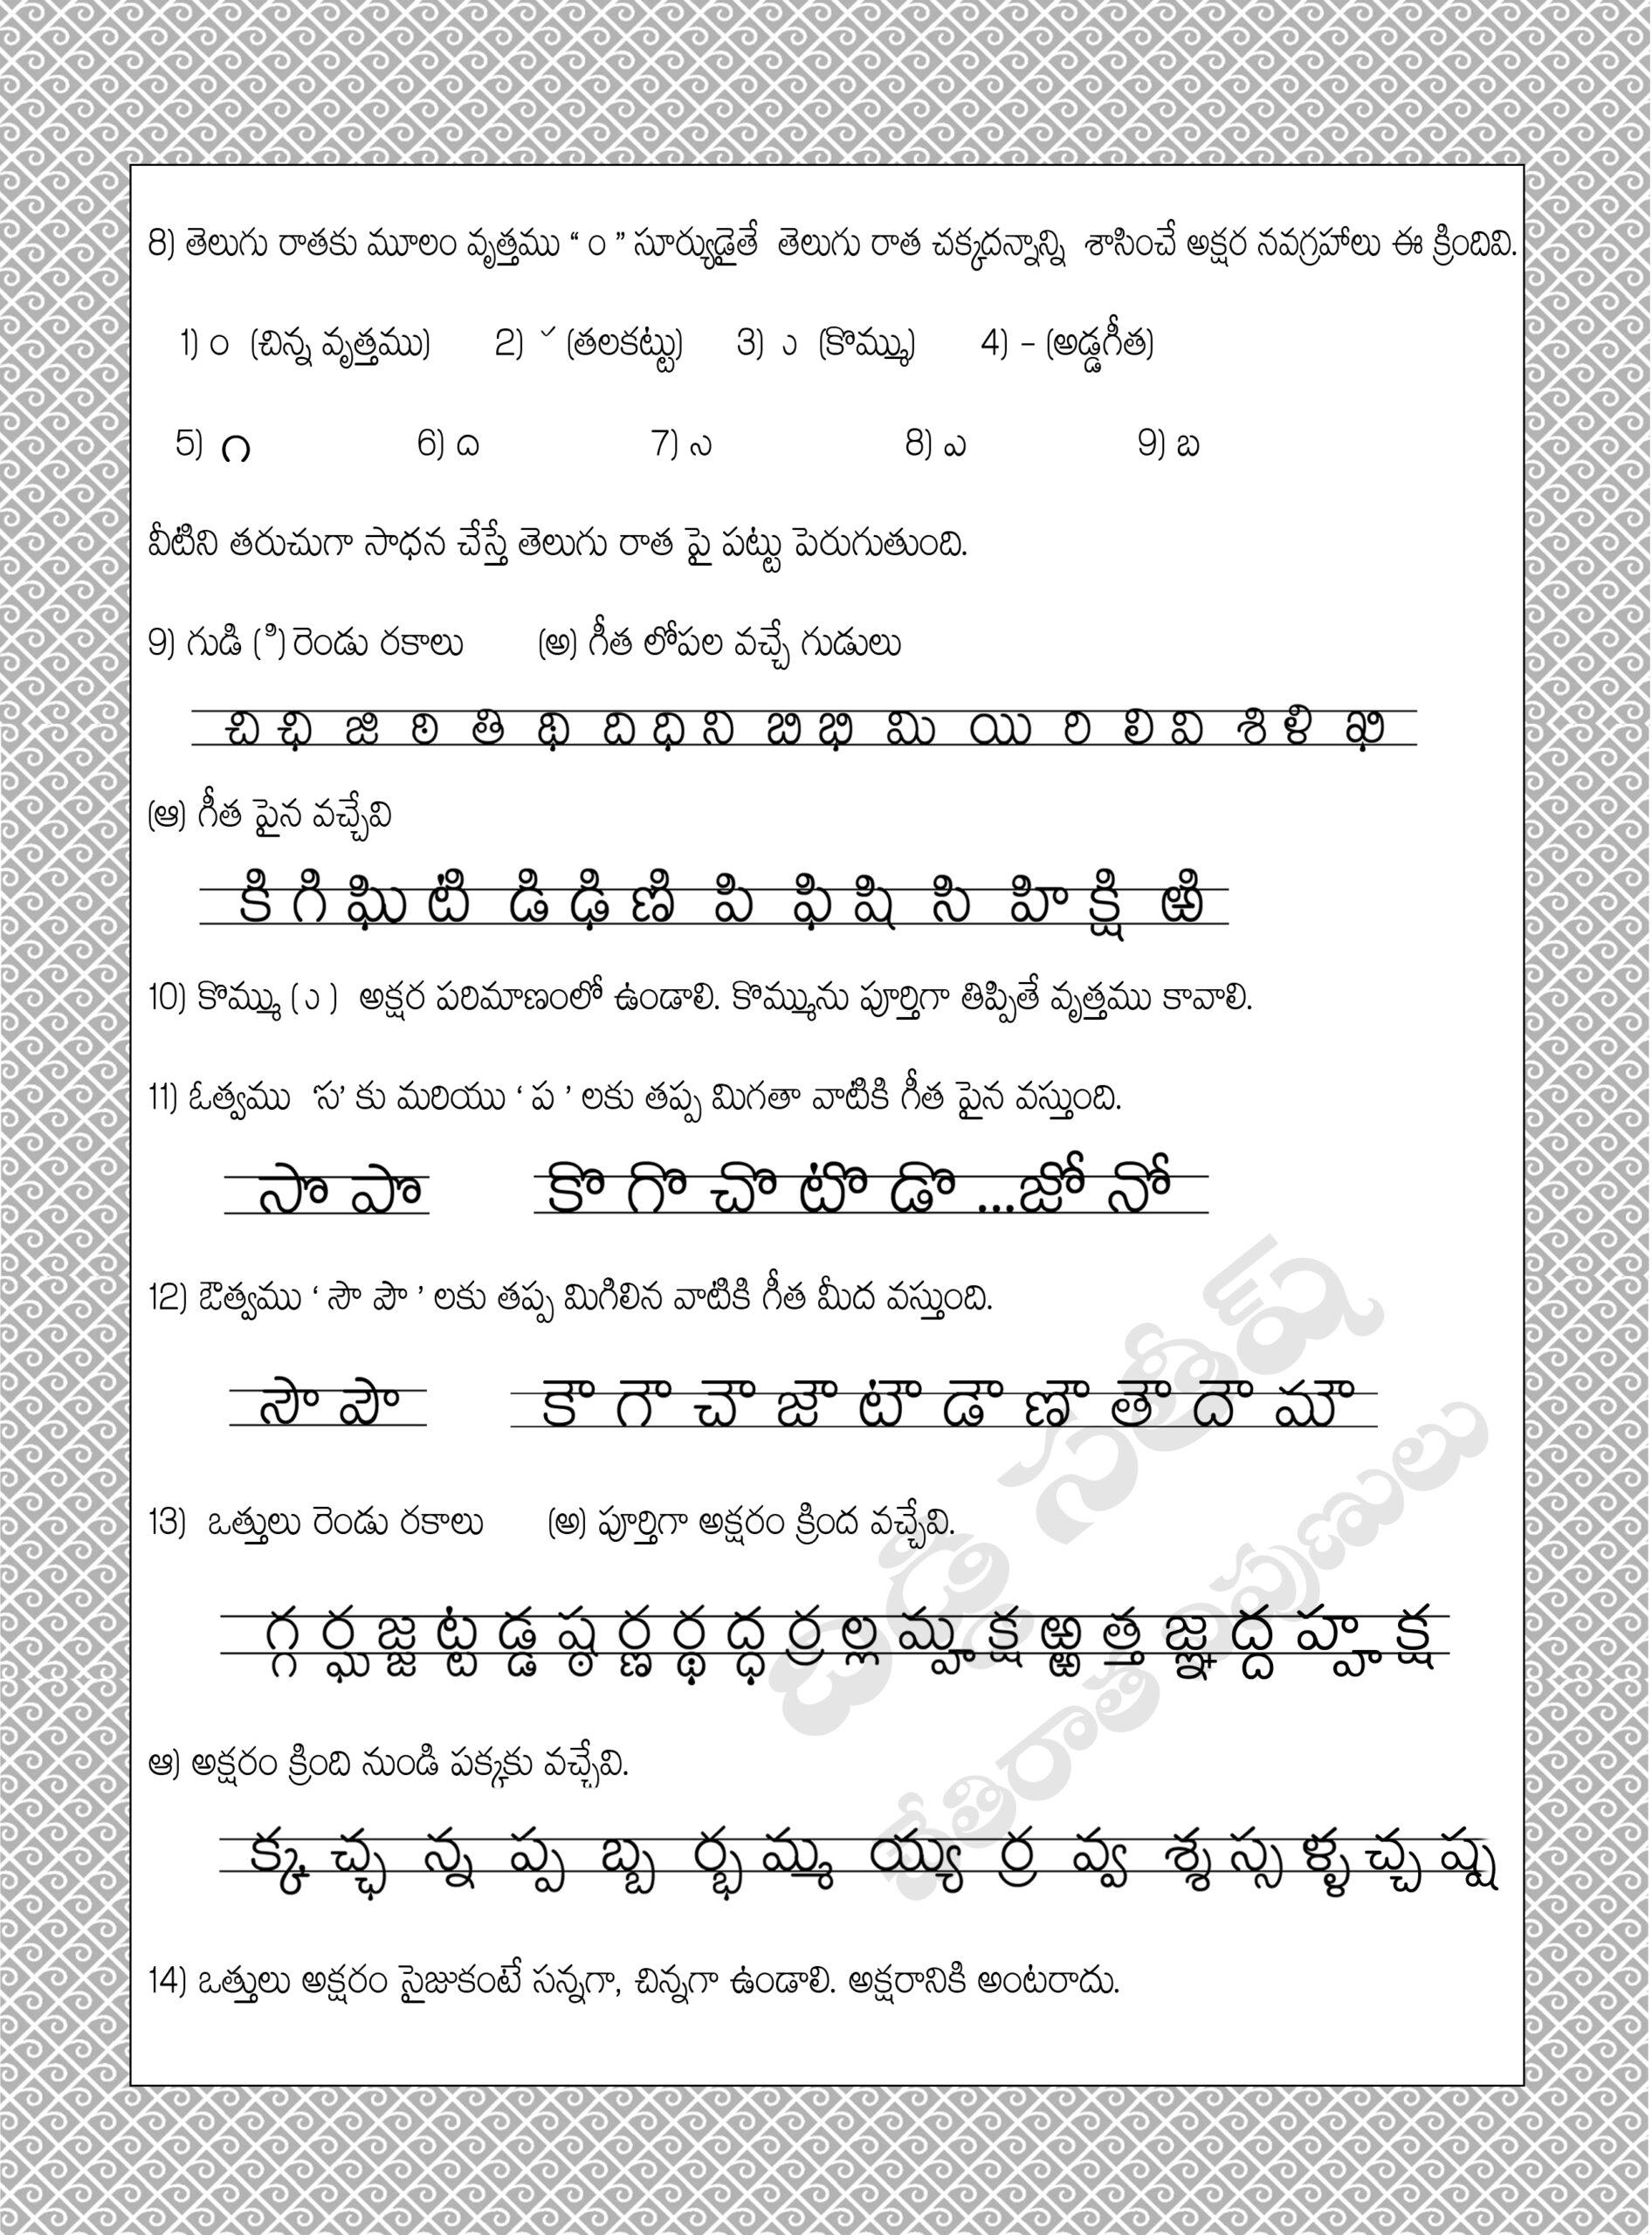 Telugu Worksheets | Kids Activities